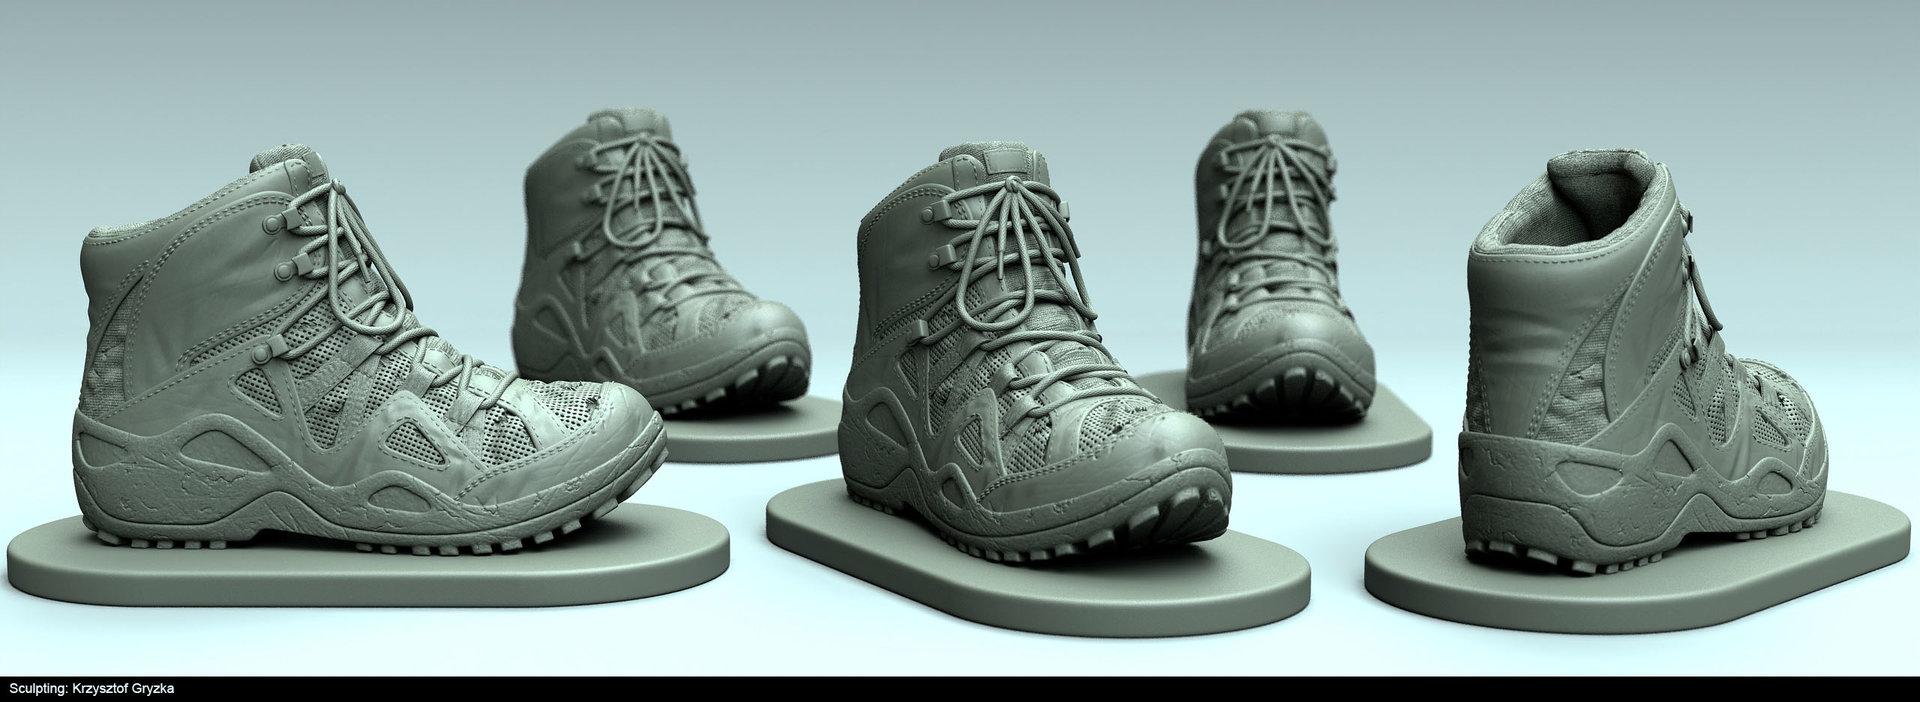 Krzysztof gryzka harry boots